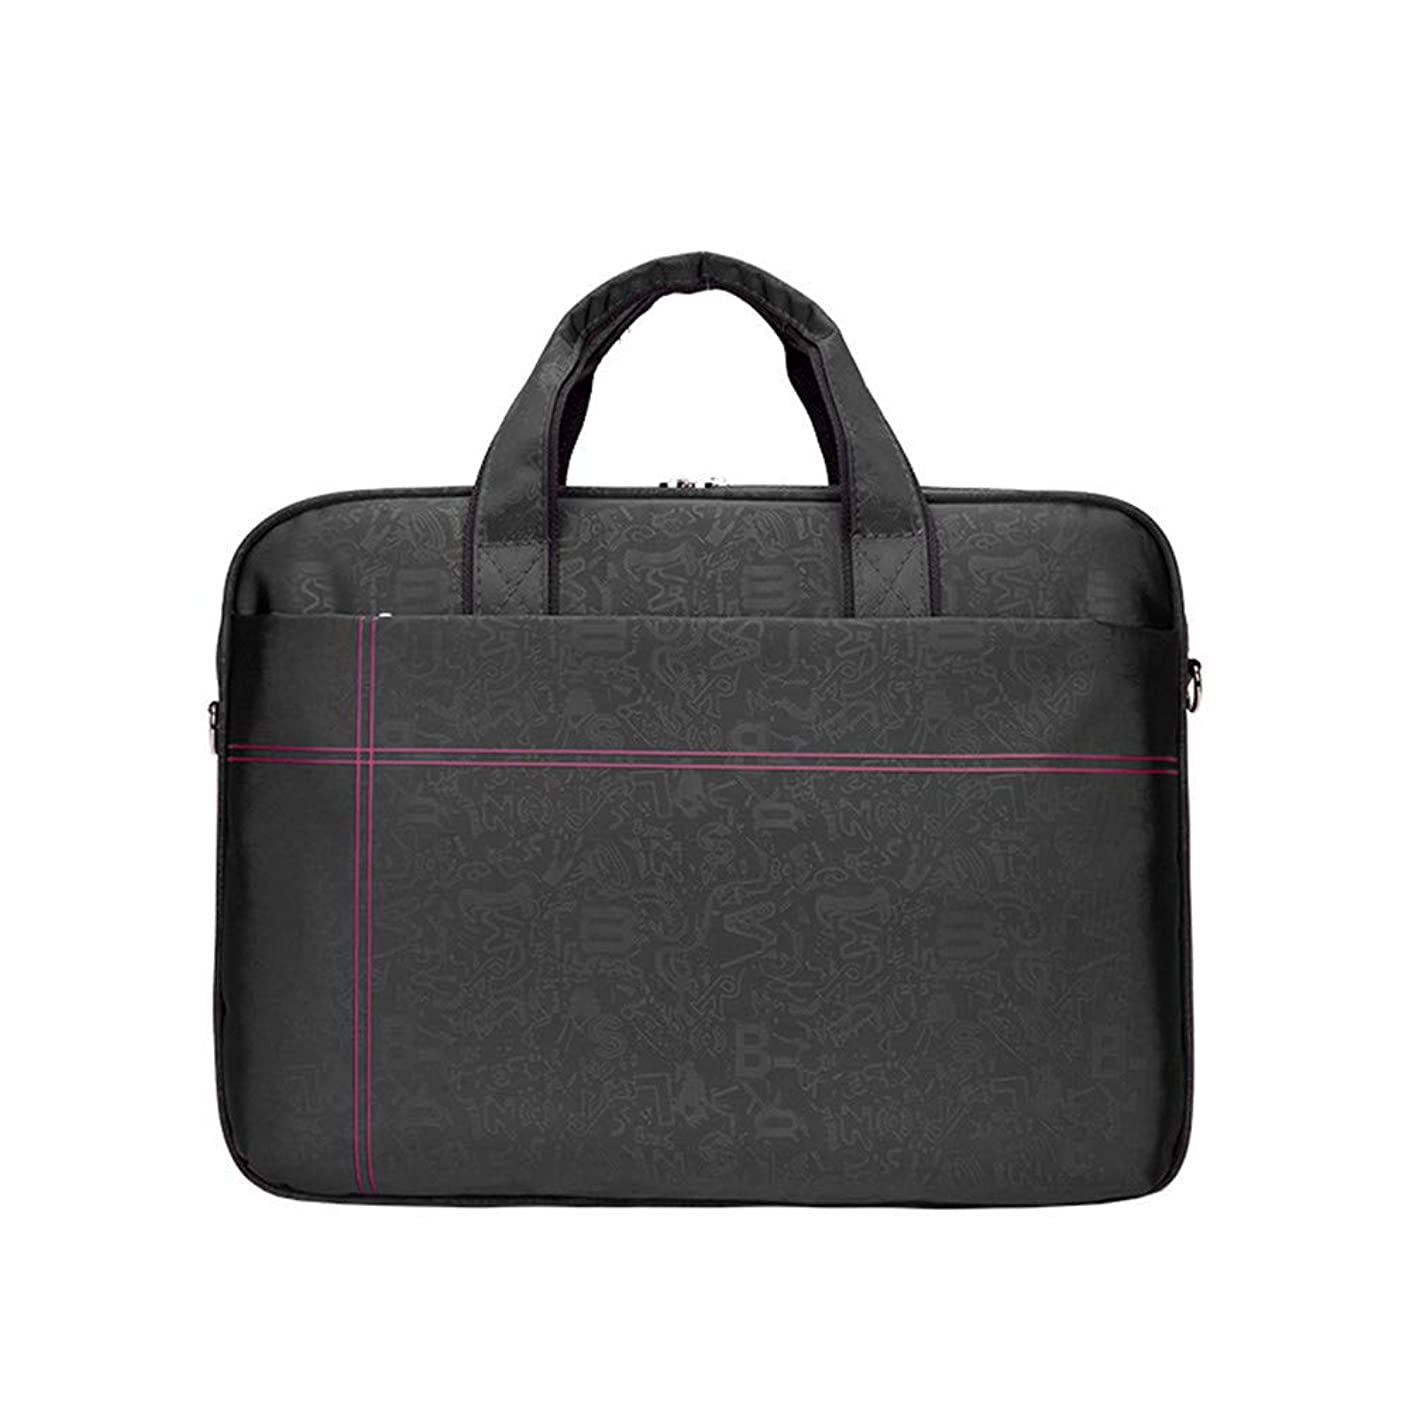 Zhouminli Vintage Leather Tote Briefcase Shockproof Waterproof Messenger Bag Shoulder Bag Laptop Bag 14